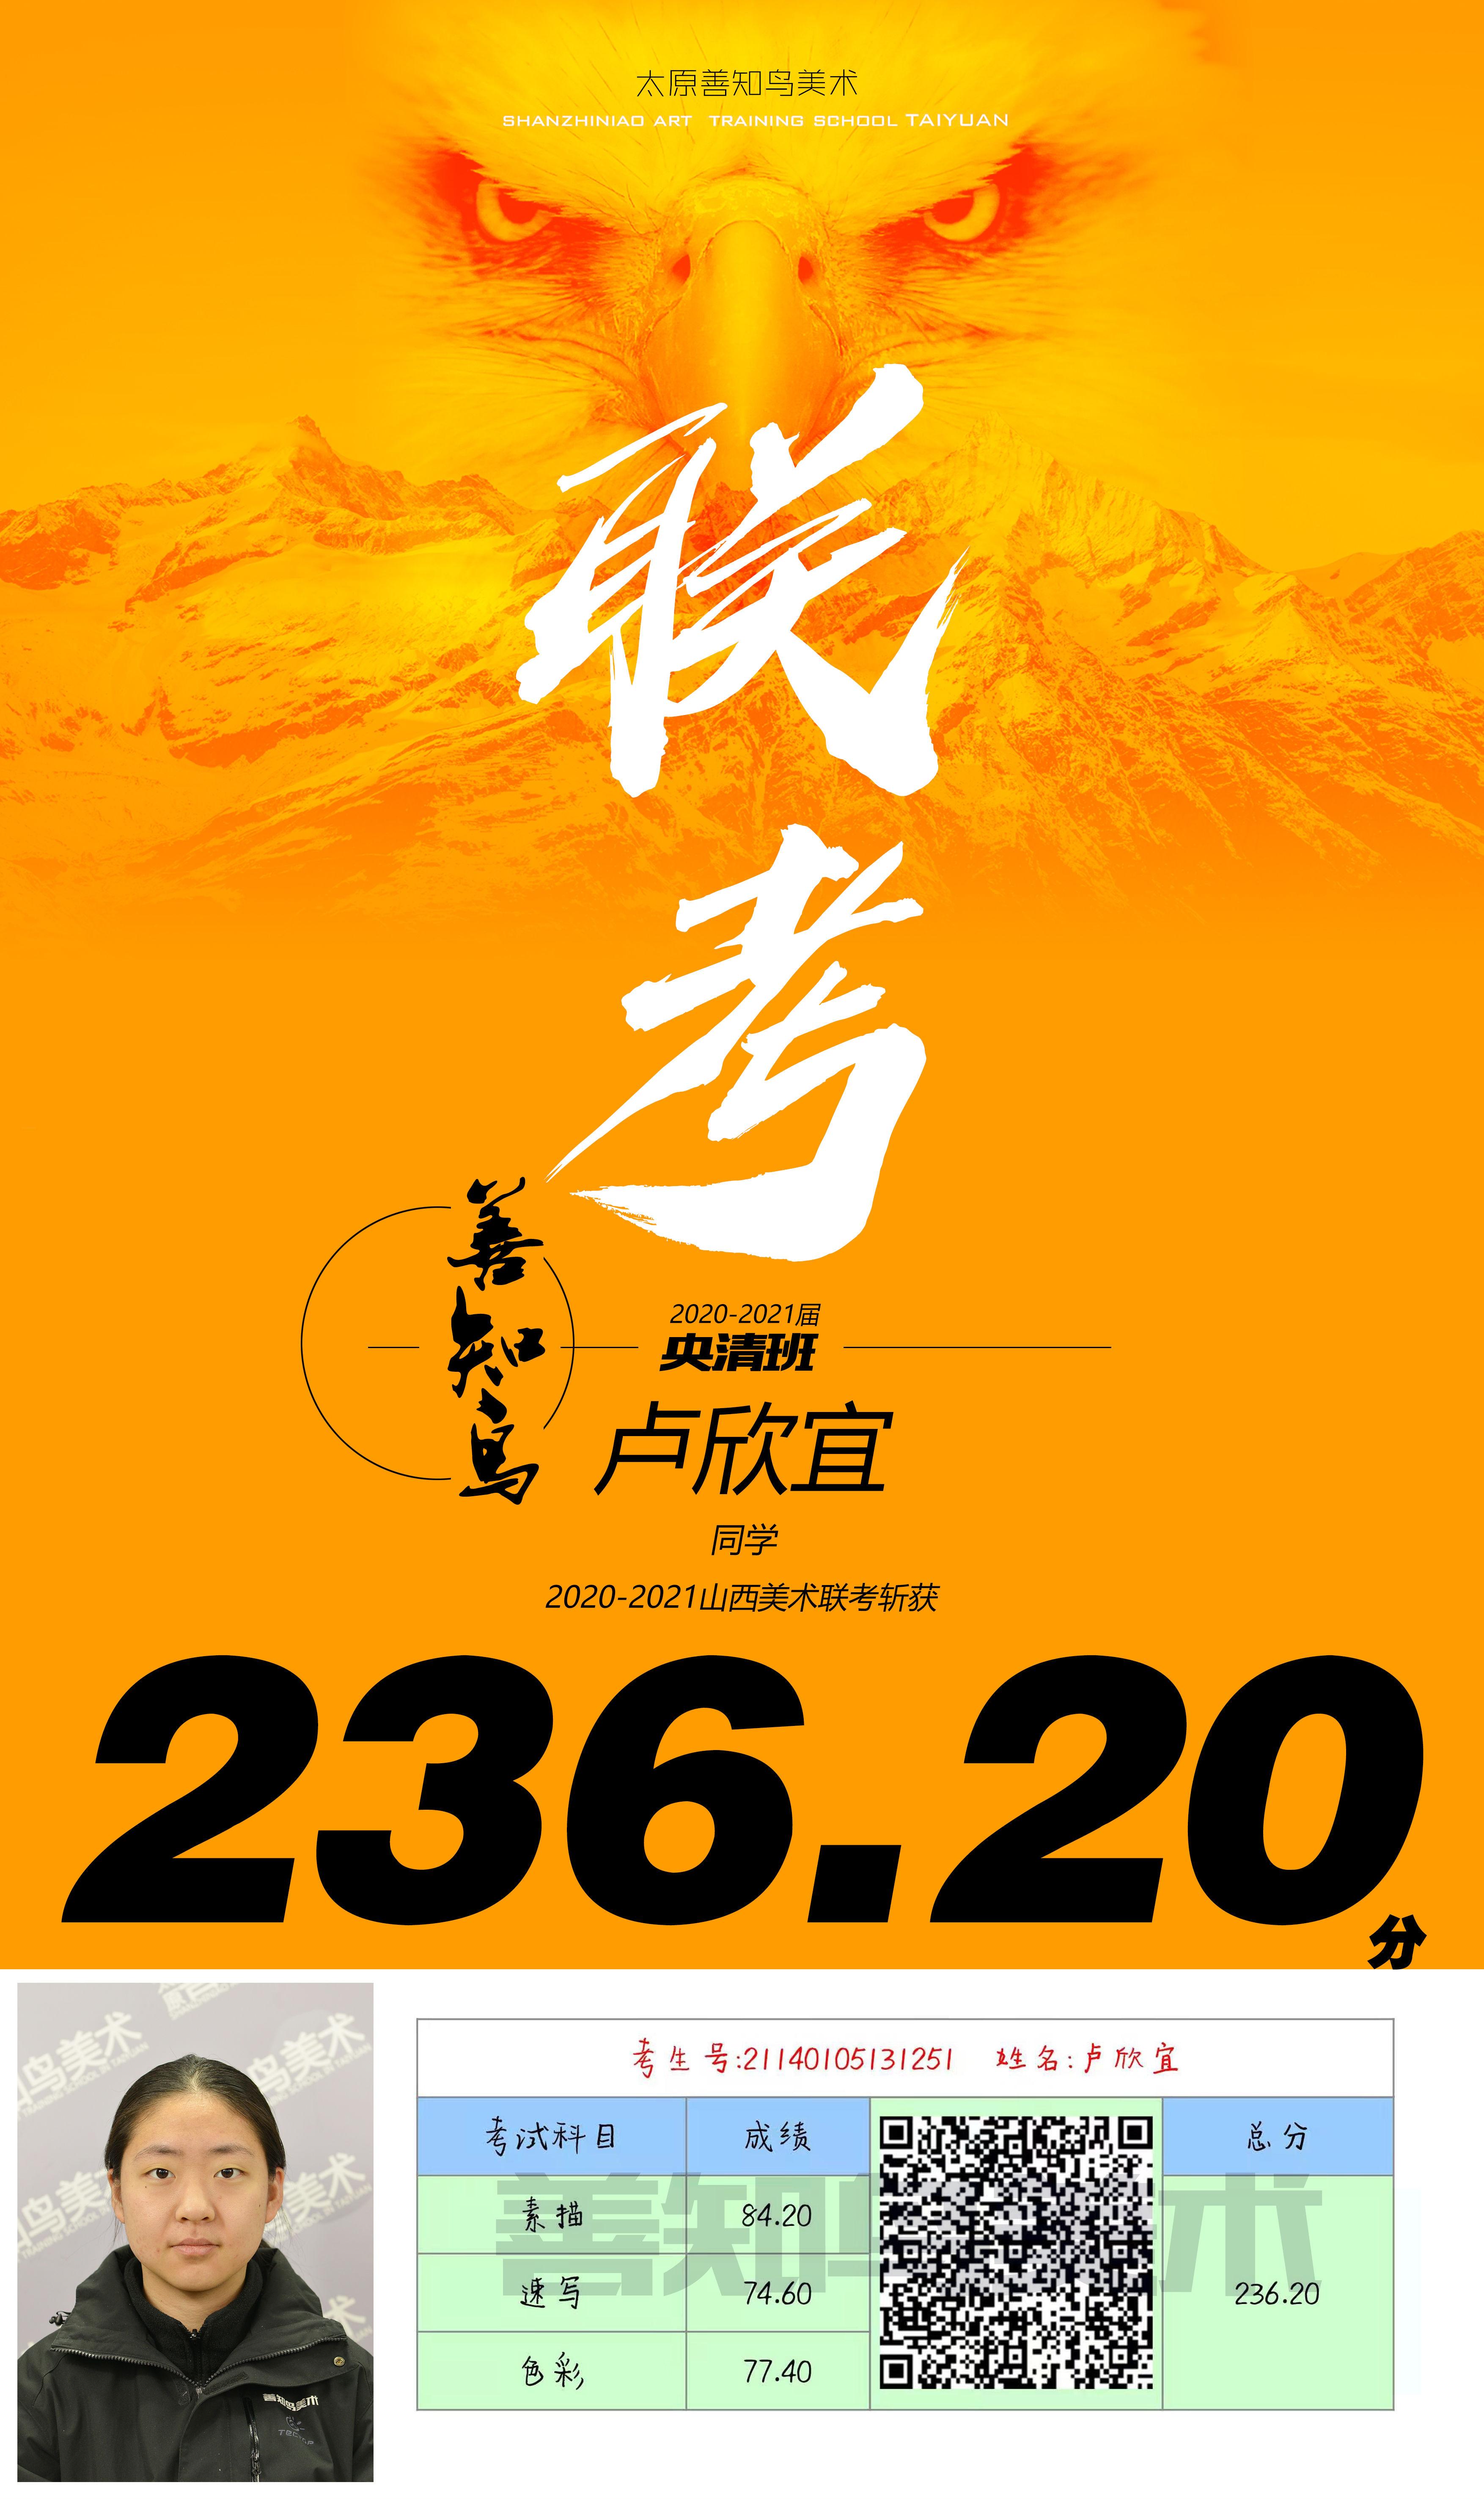 236.20卢欣宜.jpg